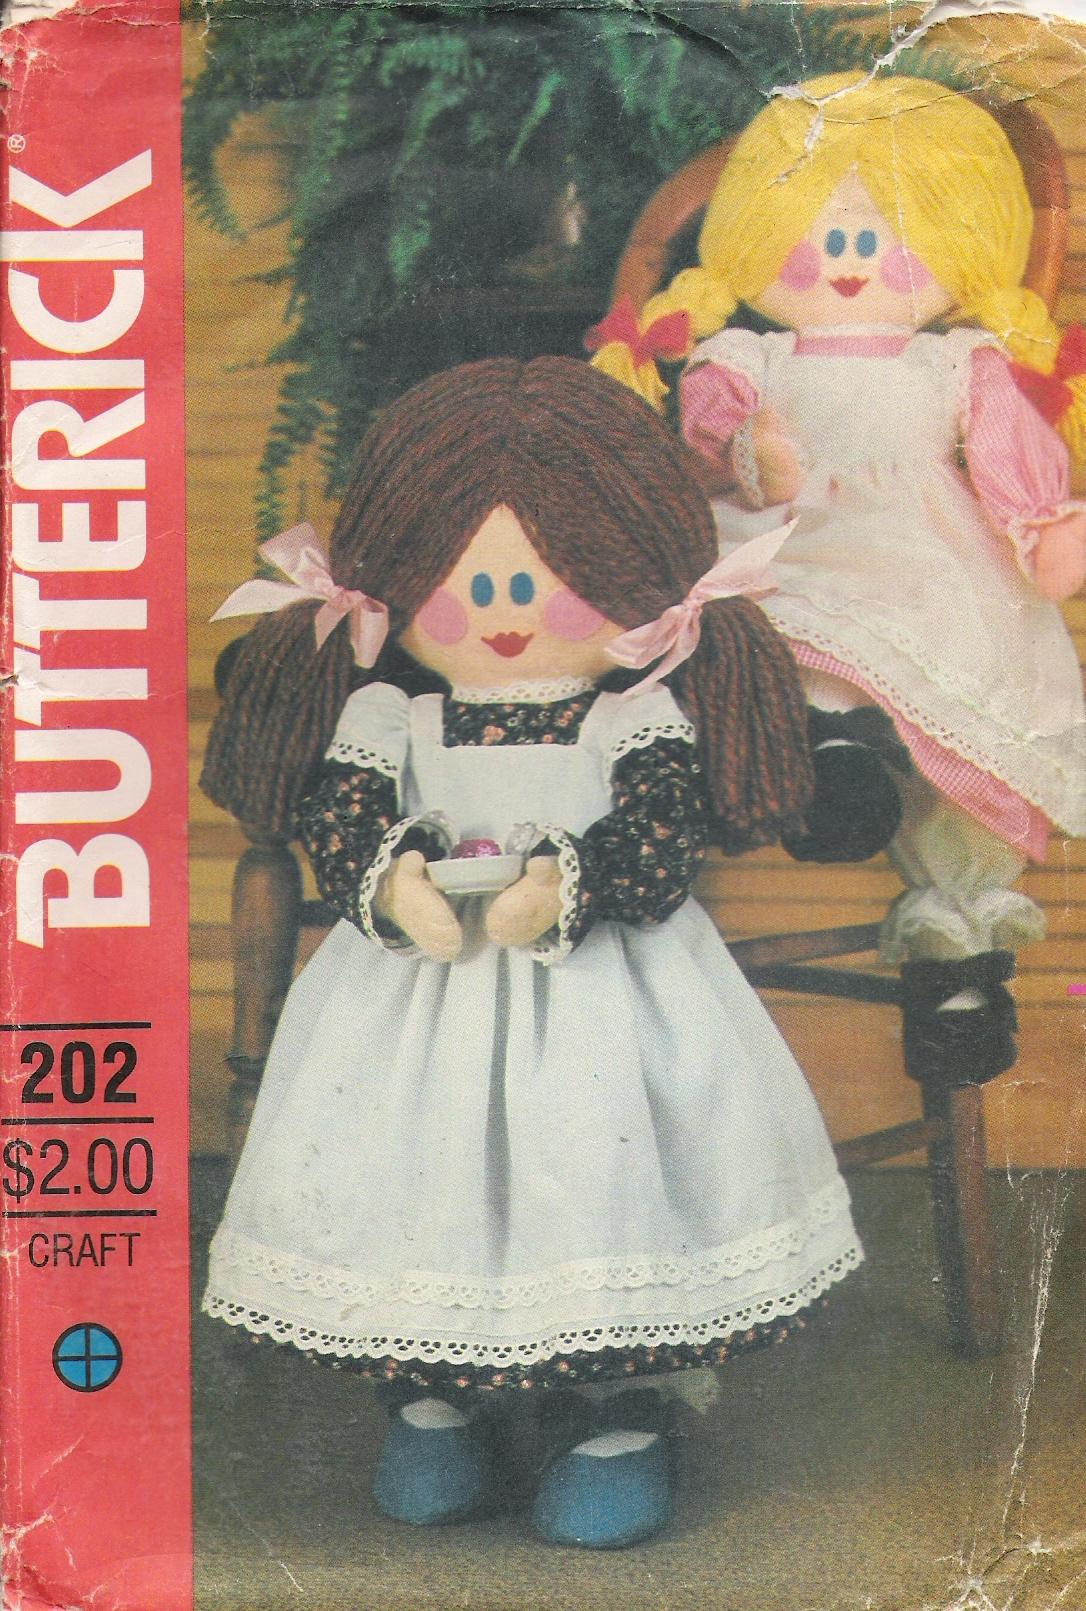 Butterick 202